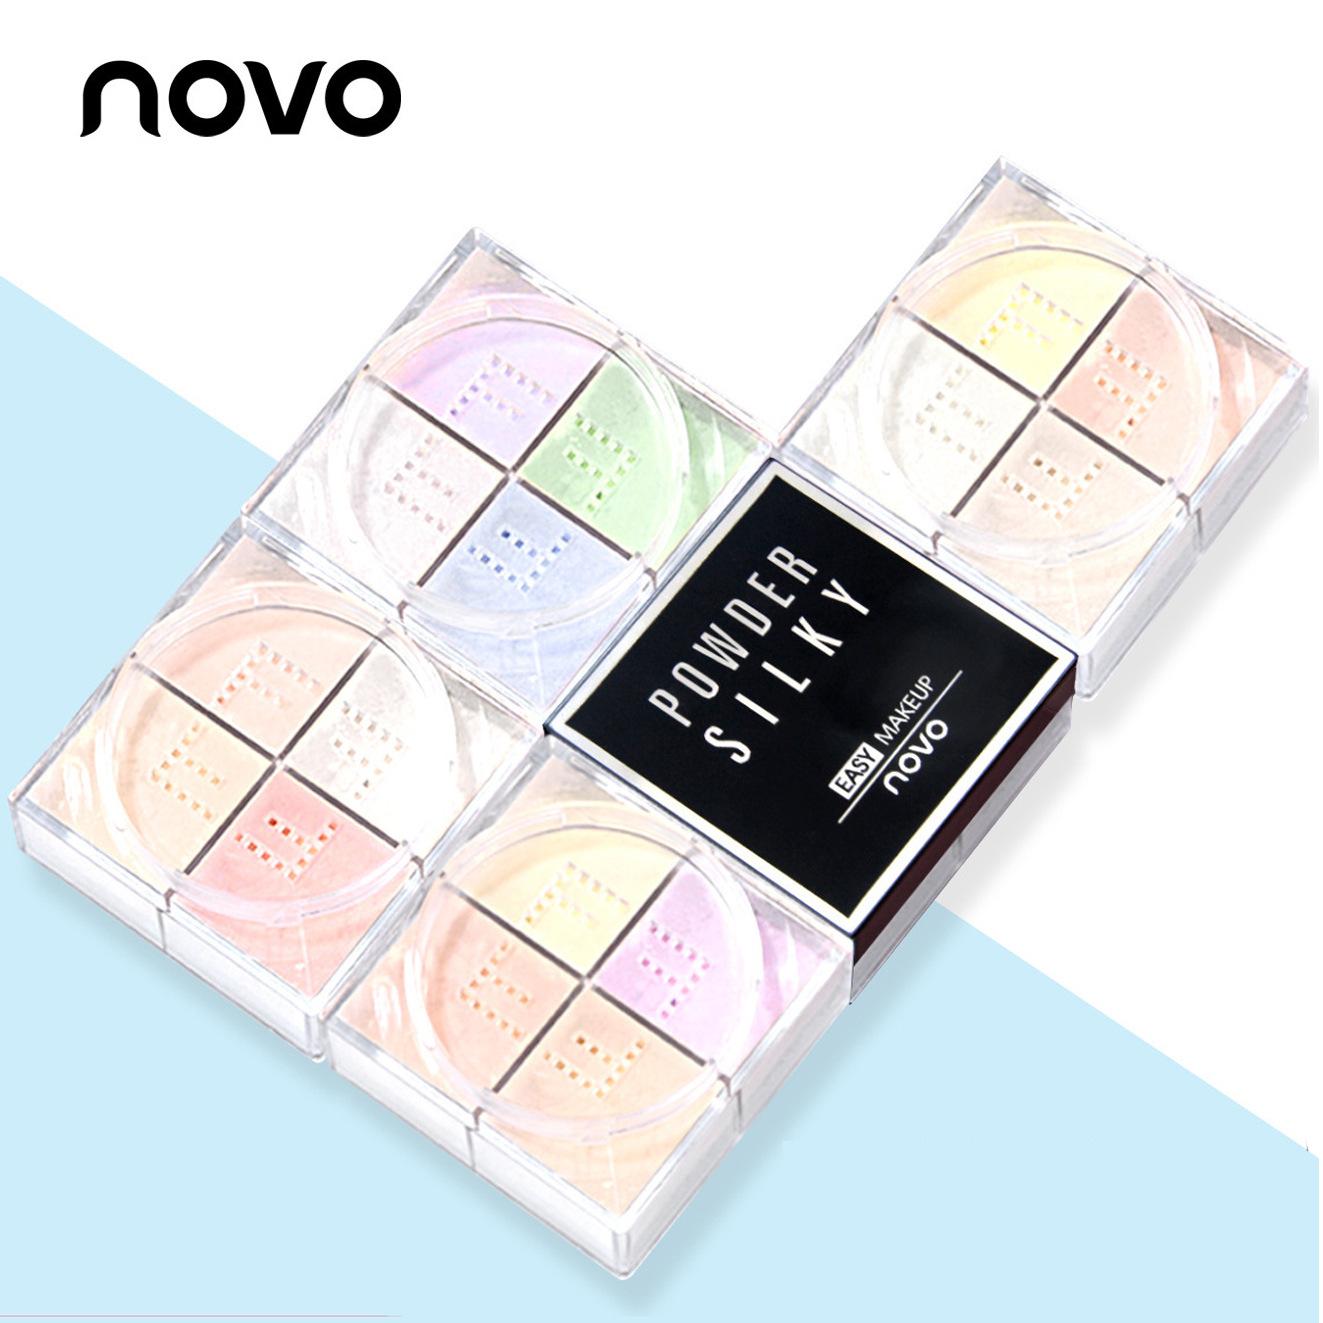 NOVO Mỹ phẩm trang điểm thương hiệu mới bột lỏng bốn màu bột mật ong che khuyết điểm kiểm soát dầu m